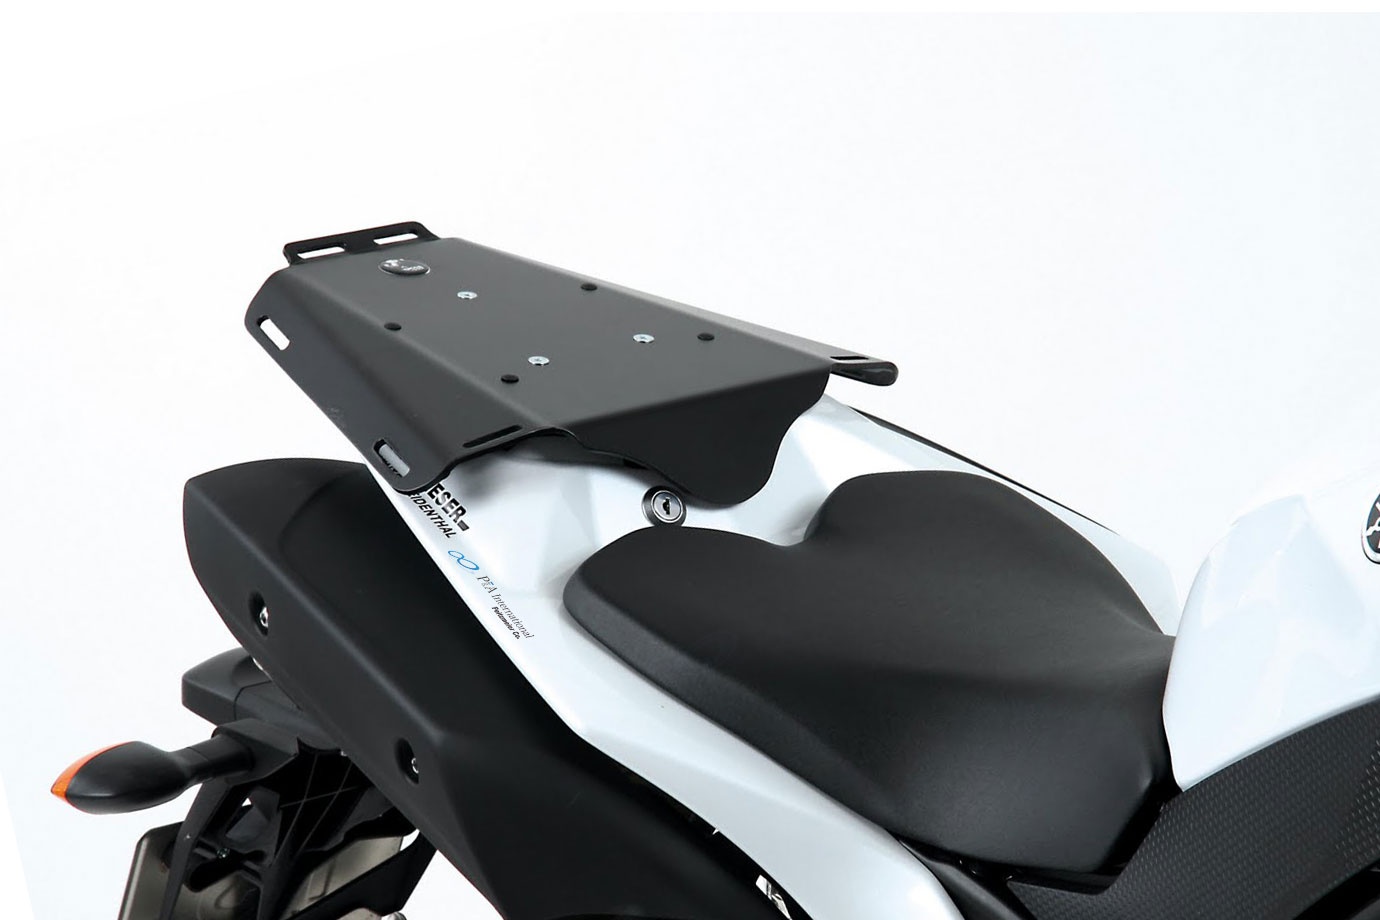 �إץ����٥å���������ǥॷ�����ִ����ꥢ��å���Speedrack�� Yamaha YZF-R1 ('08-)